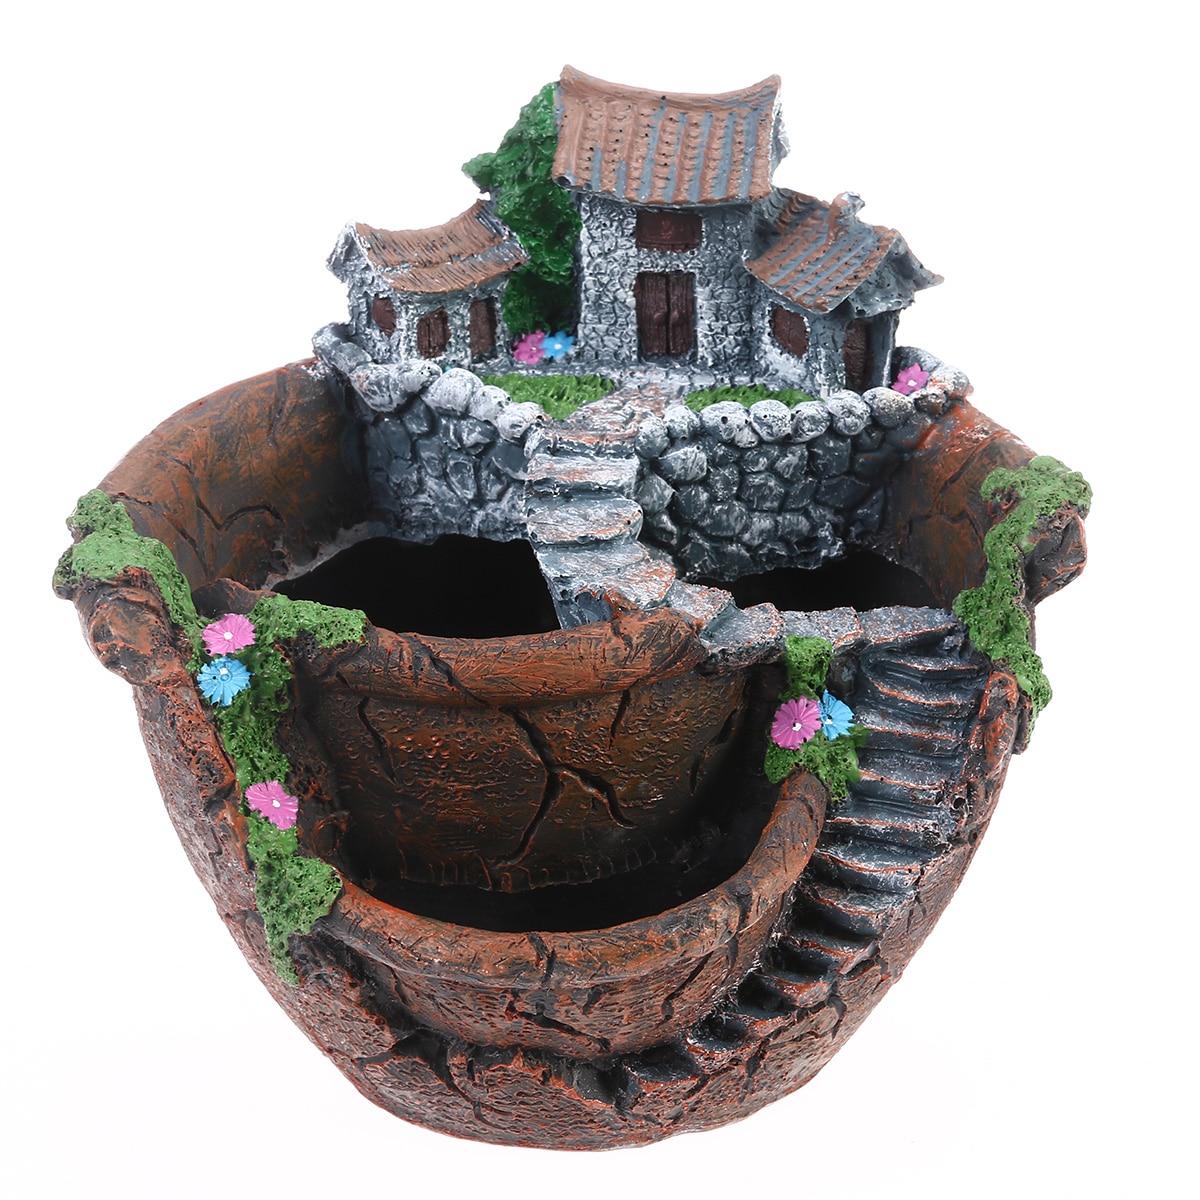 Micro Landscape Artificial Flowers Succulent Plants Pot Tiny Creative Flower Pot Holders Sweet House Garden Decoration 1